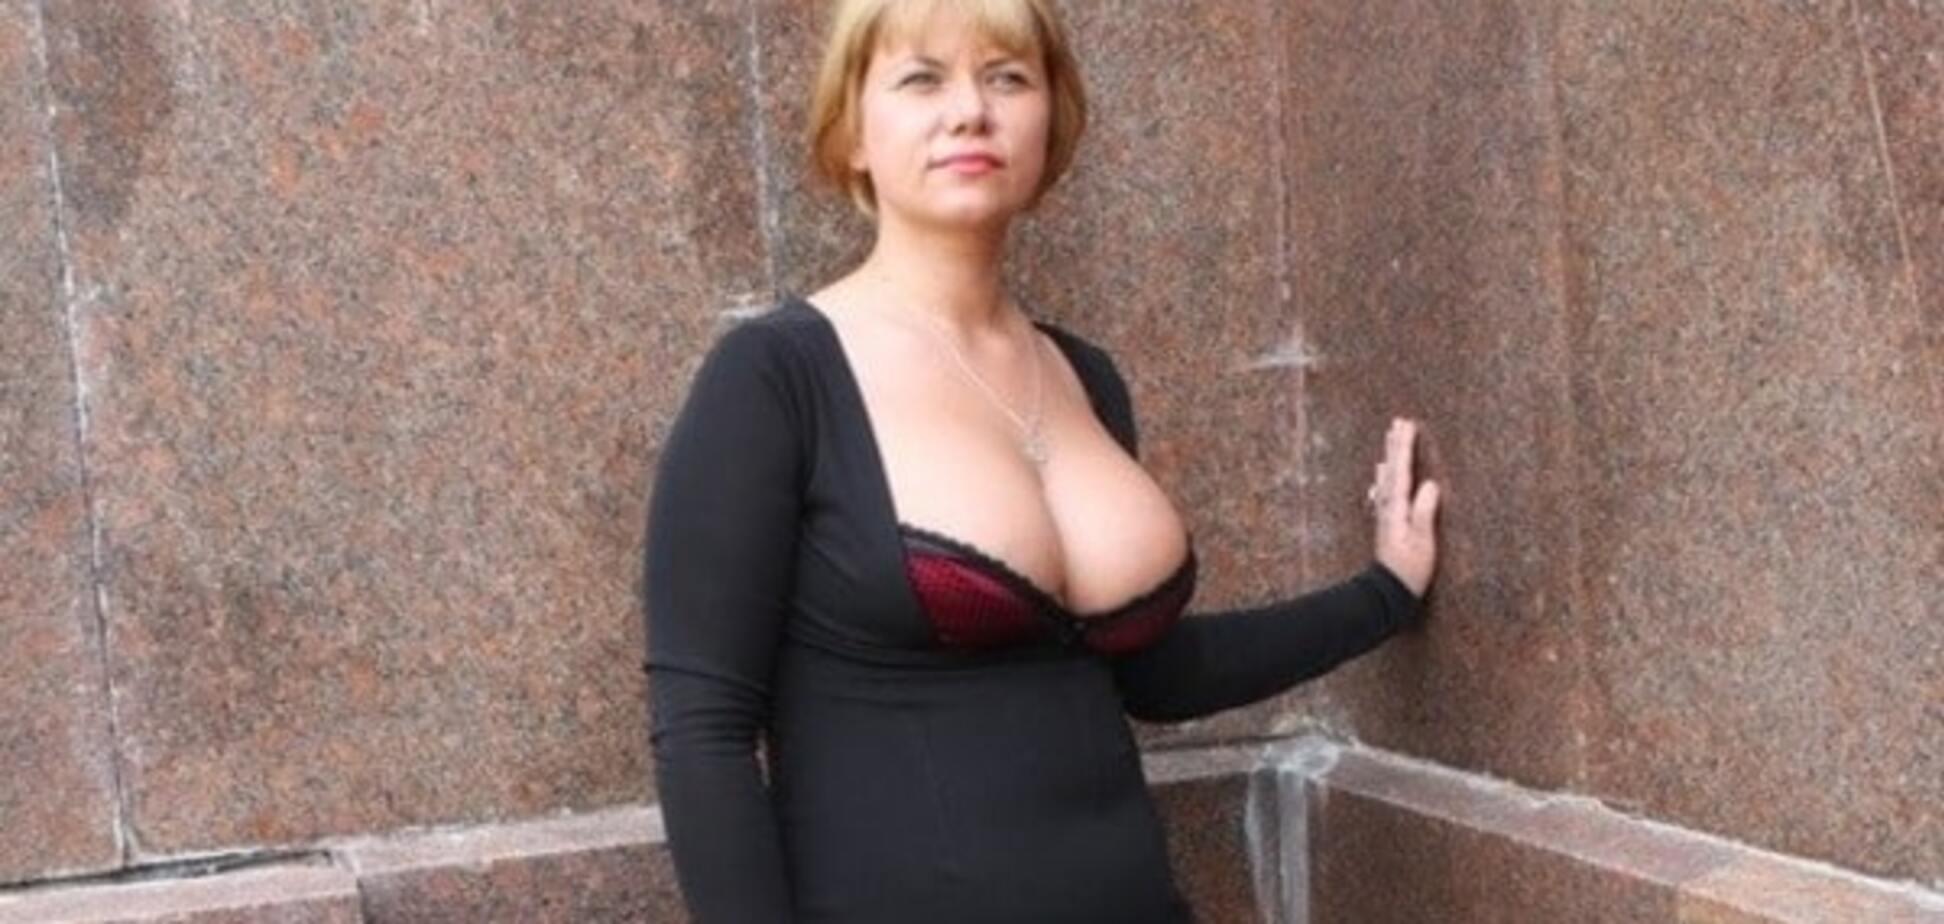 'Гаряча жінка': у мережі показали відверті фото нової 'годувальниці' російської Держдуми